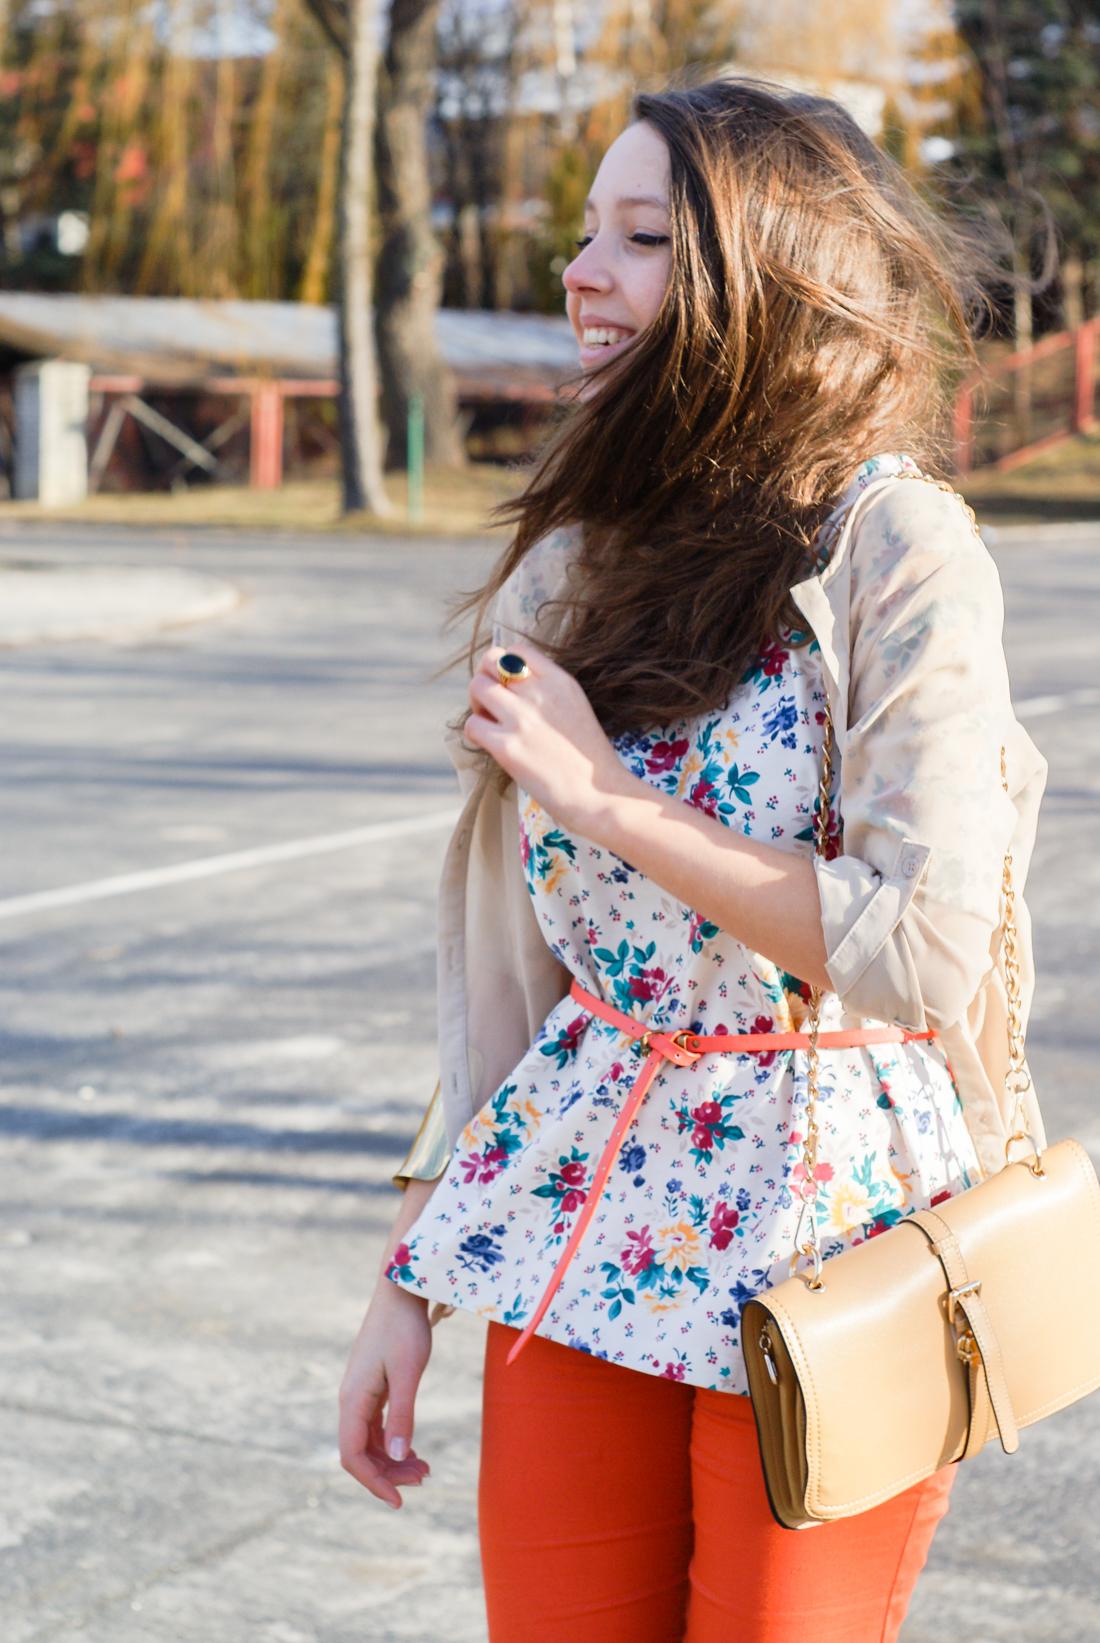 Lumpeksowe zakupy - bluzka w kwiaty